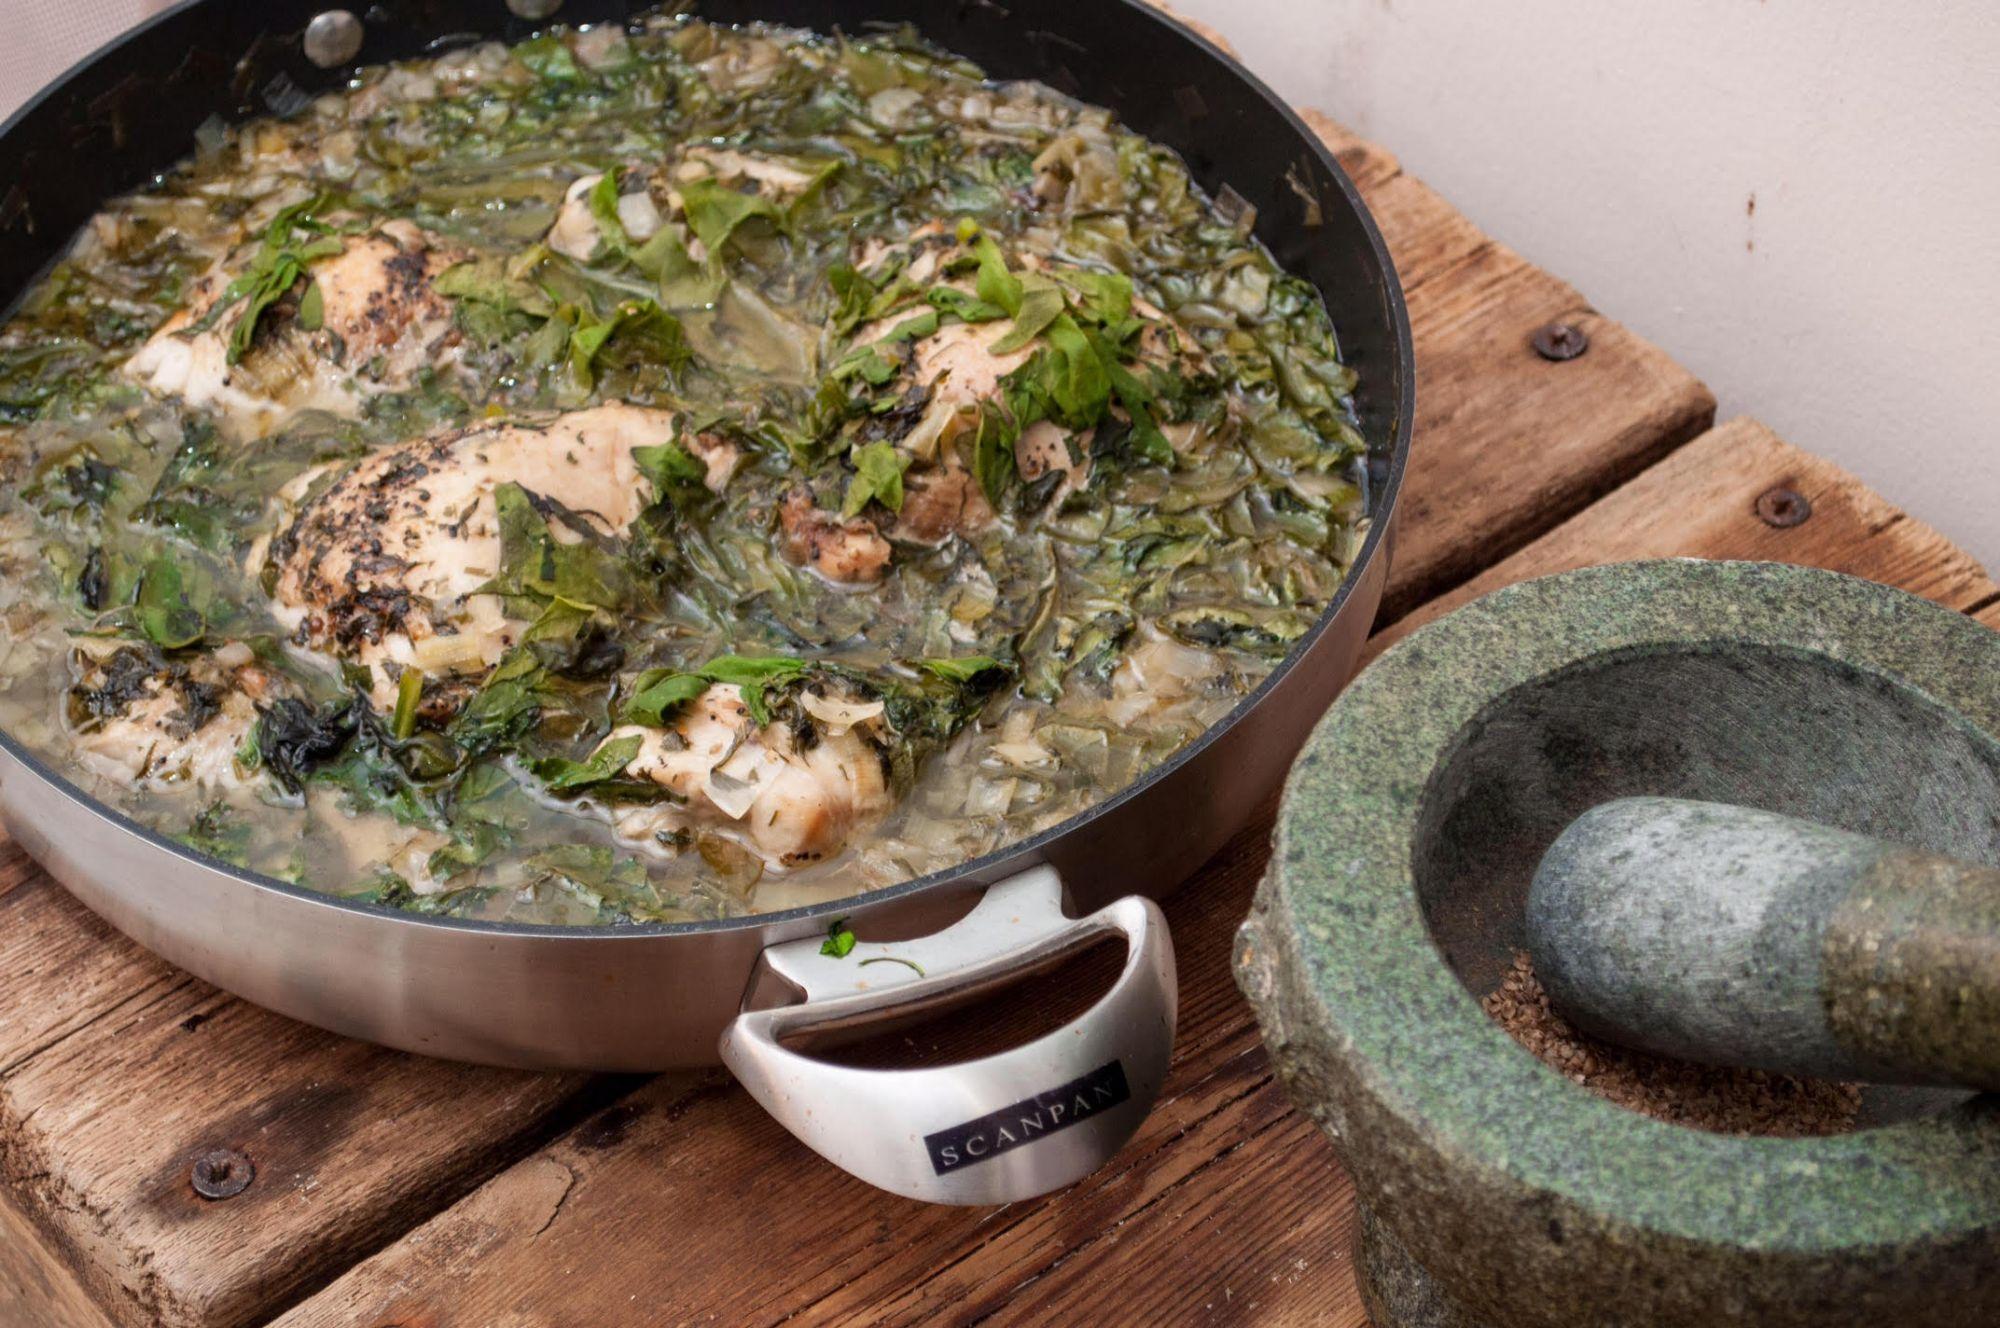 תבשיל עוף והמון ירוקים